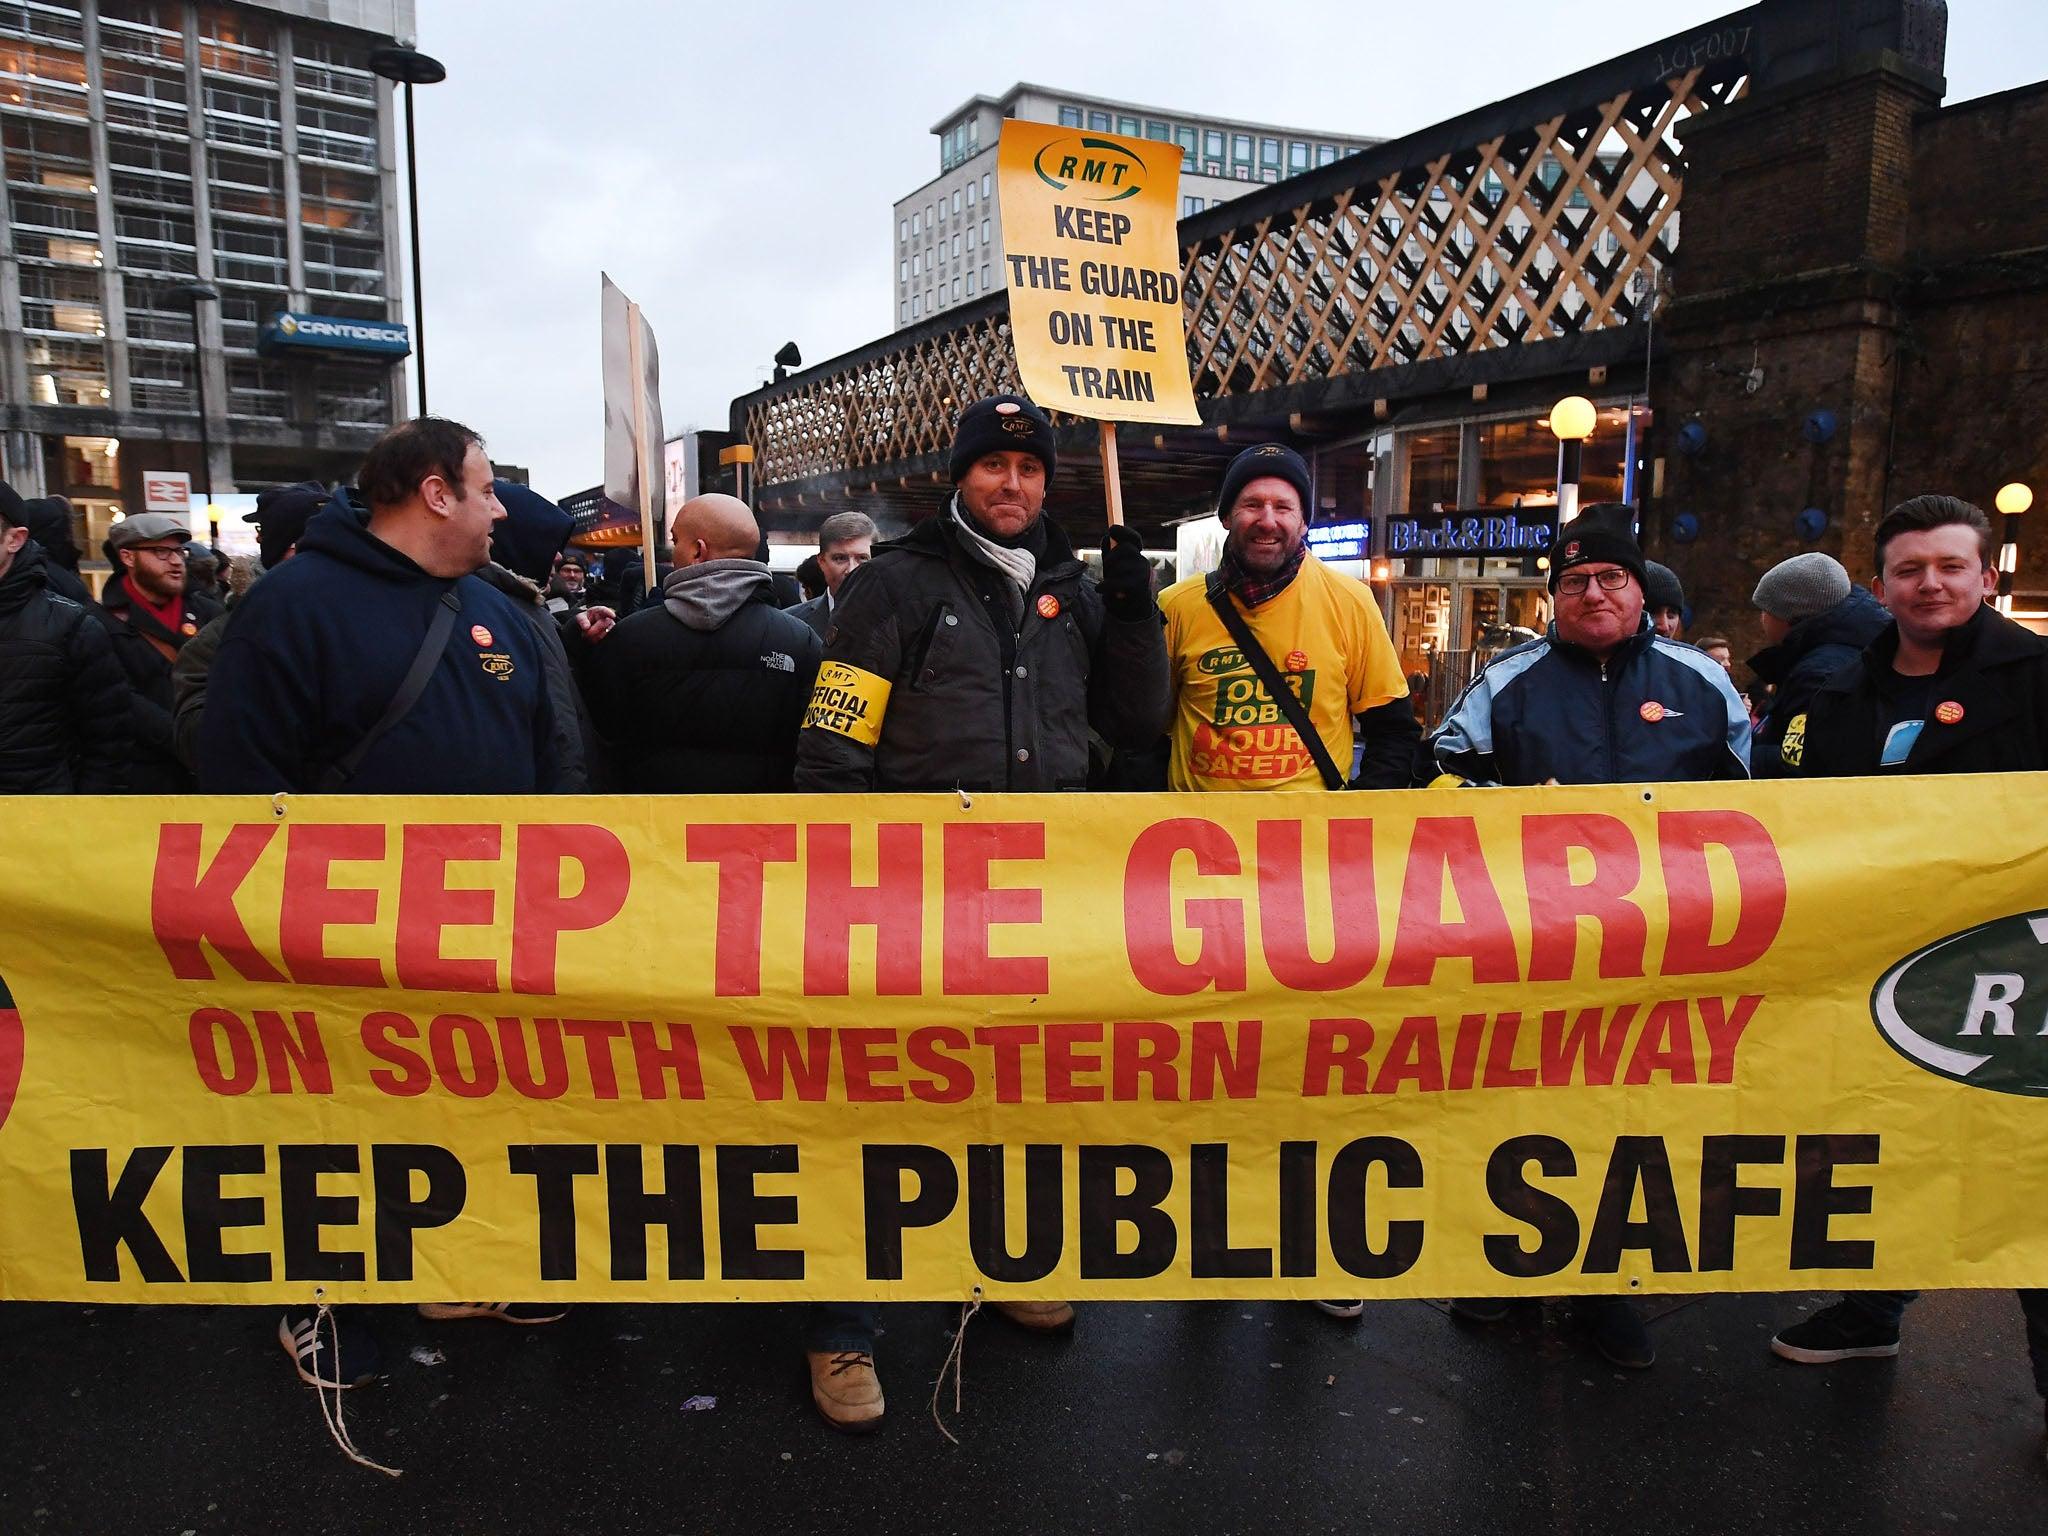 Huelga del ferrocarril del Suroeste: el caos de los trenes de Navidad cuando el sindicato de RMT anuncia una huelga el 22 de diciembre